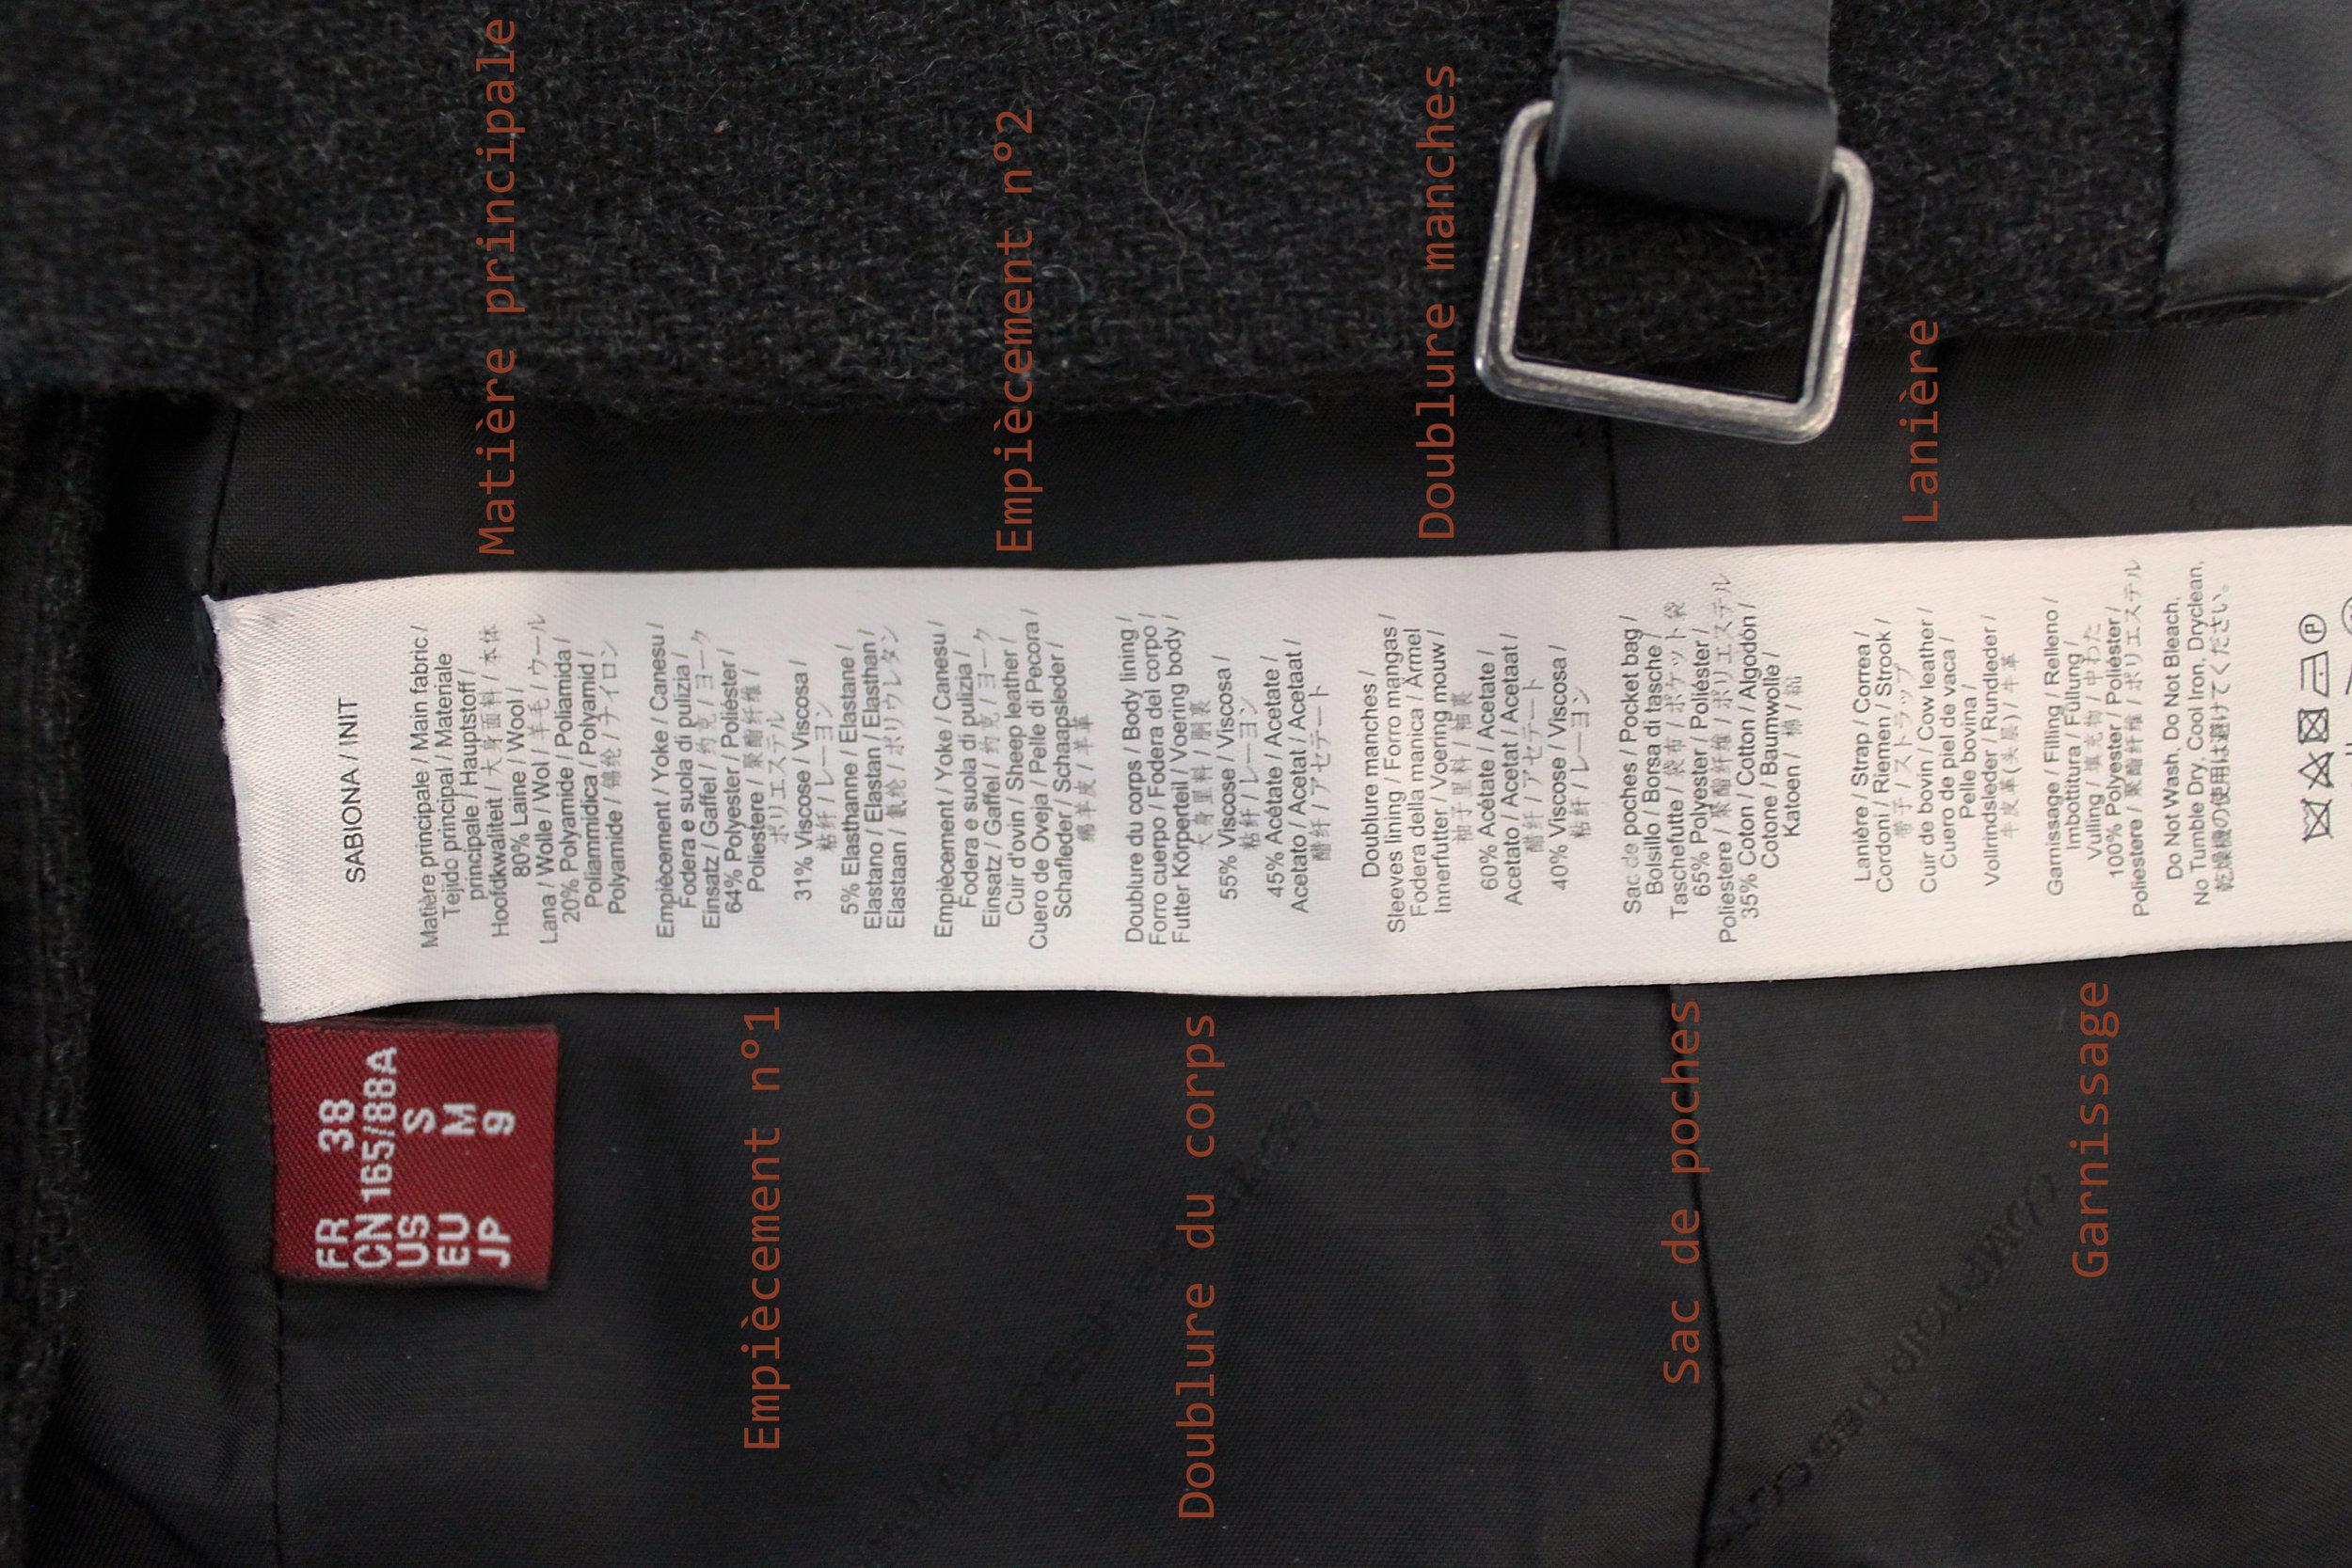 Étiquette de composition d'un manteau, vous pouvez voir que tout y est détaillé. Le reste des informations est au verso .